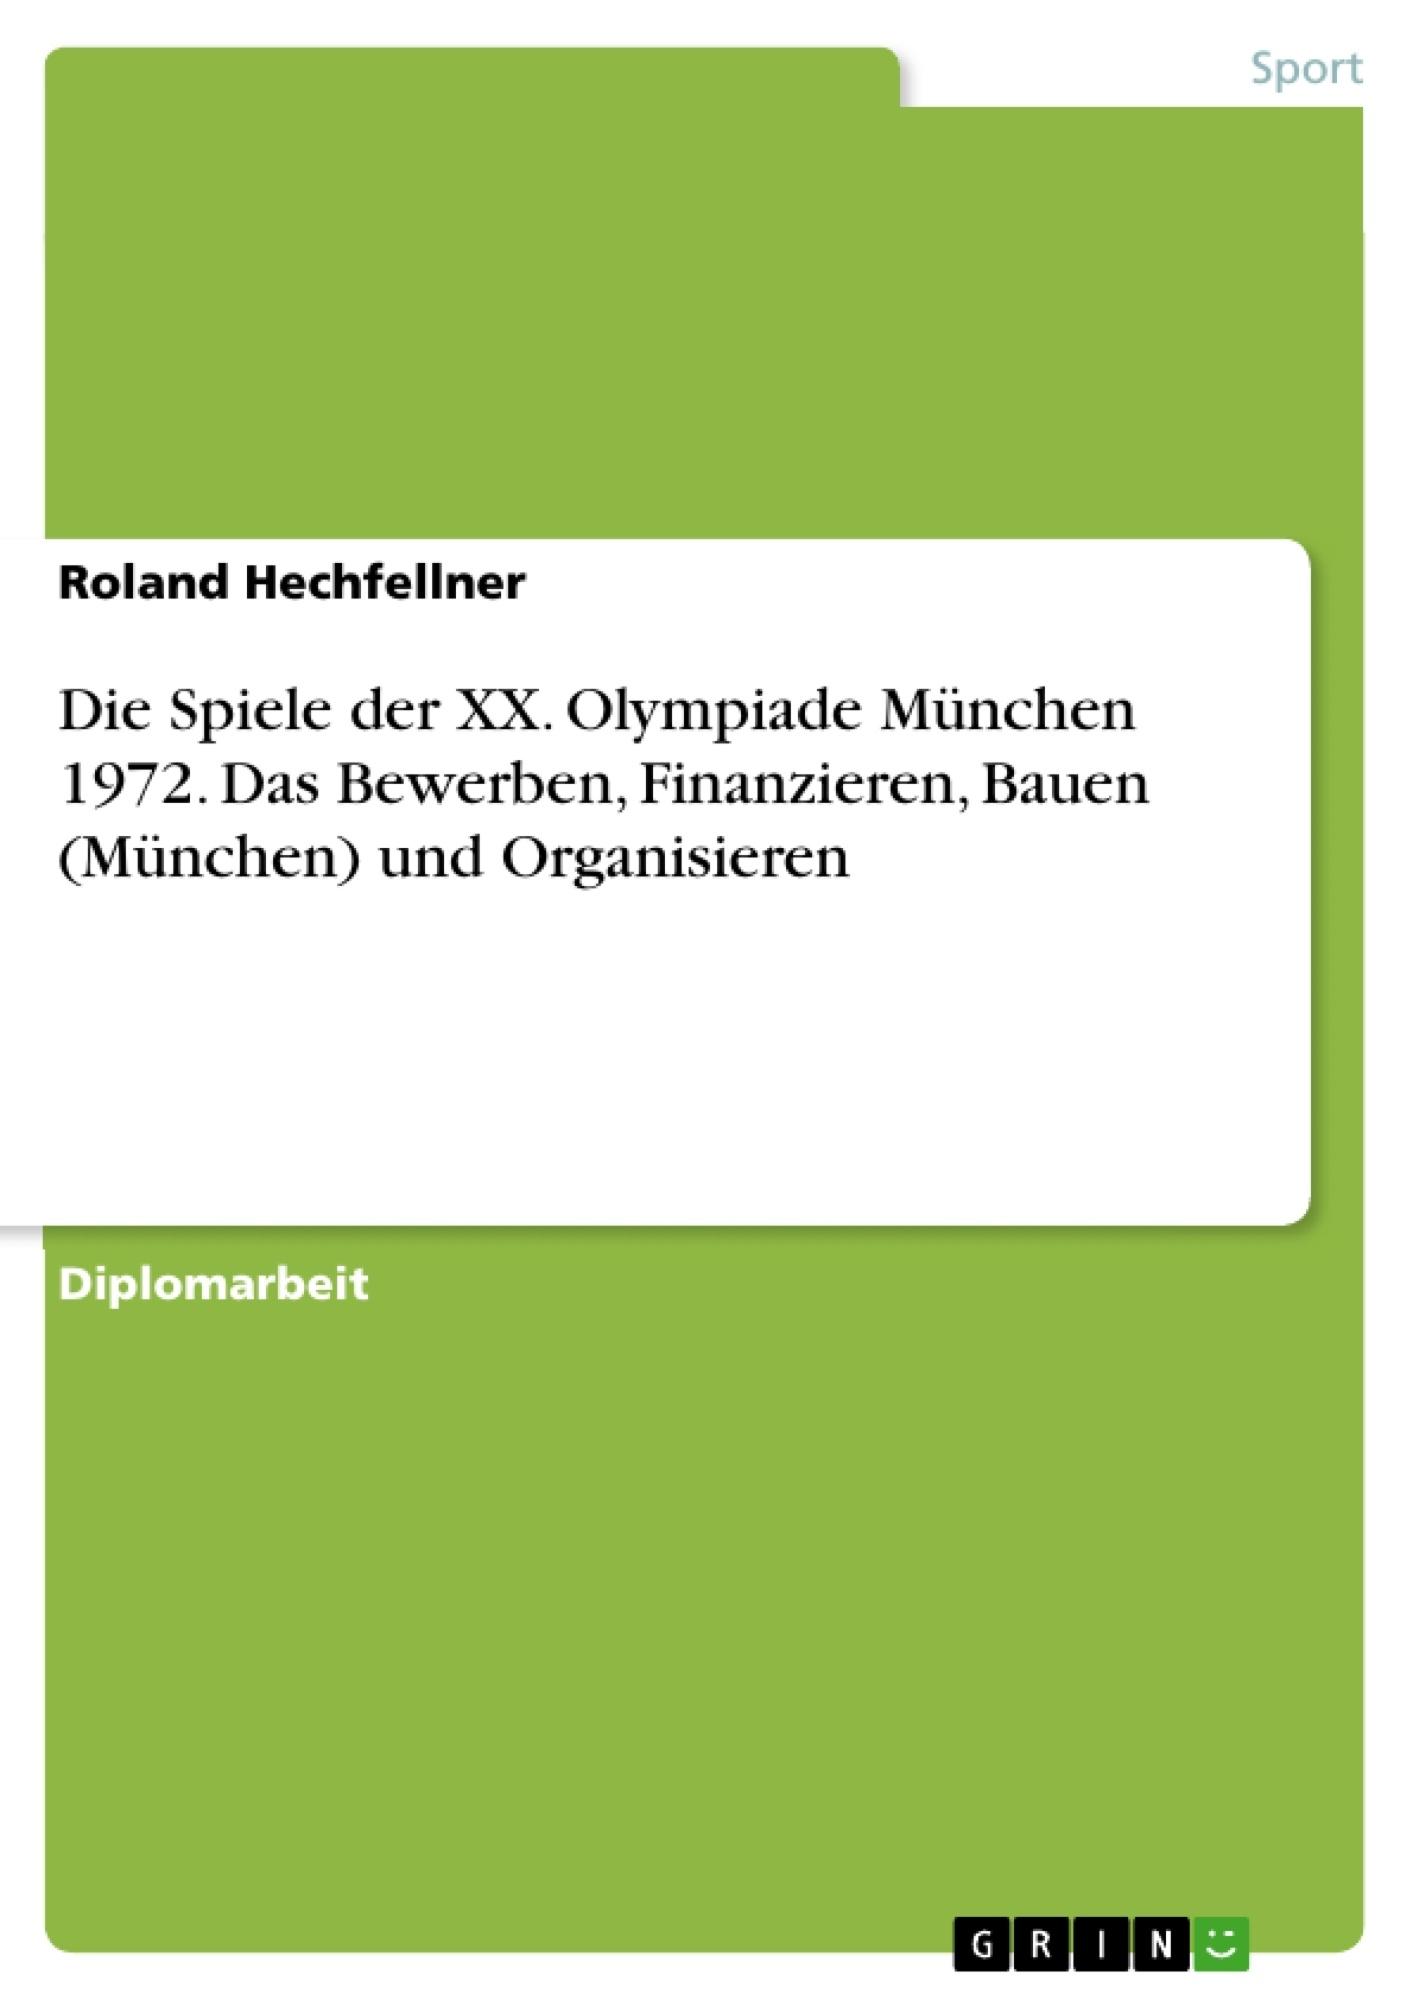 Titel: Die Spiele der XX. Olympiade München 1972. Das Bewerben, Finanzieren, Bauen (München) und Organisieren